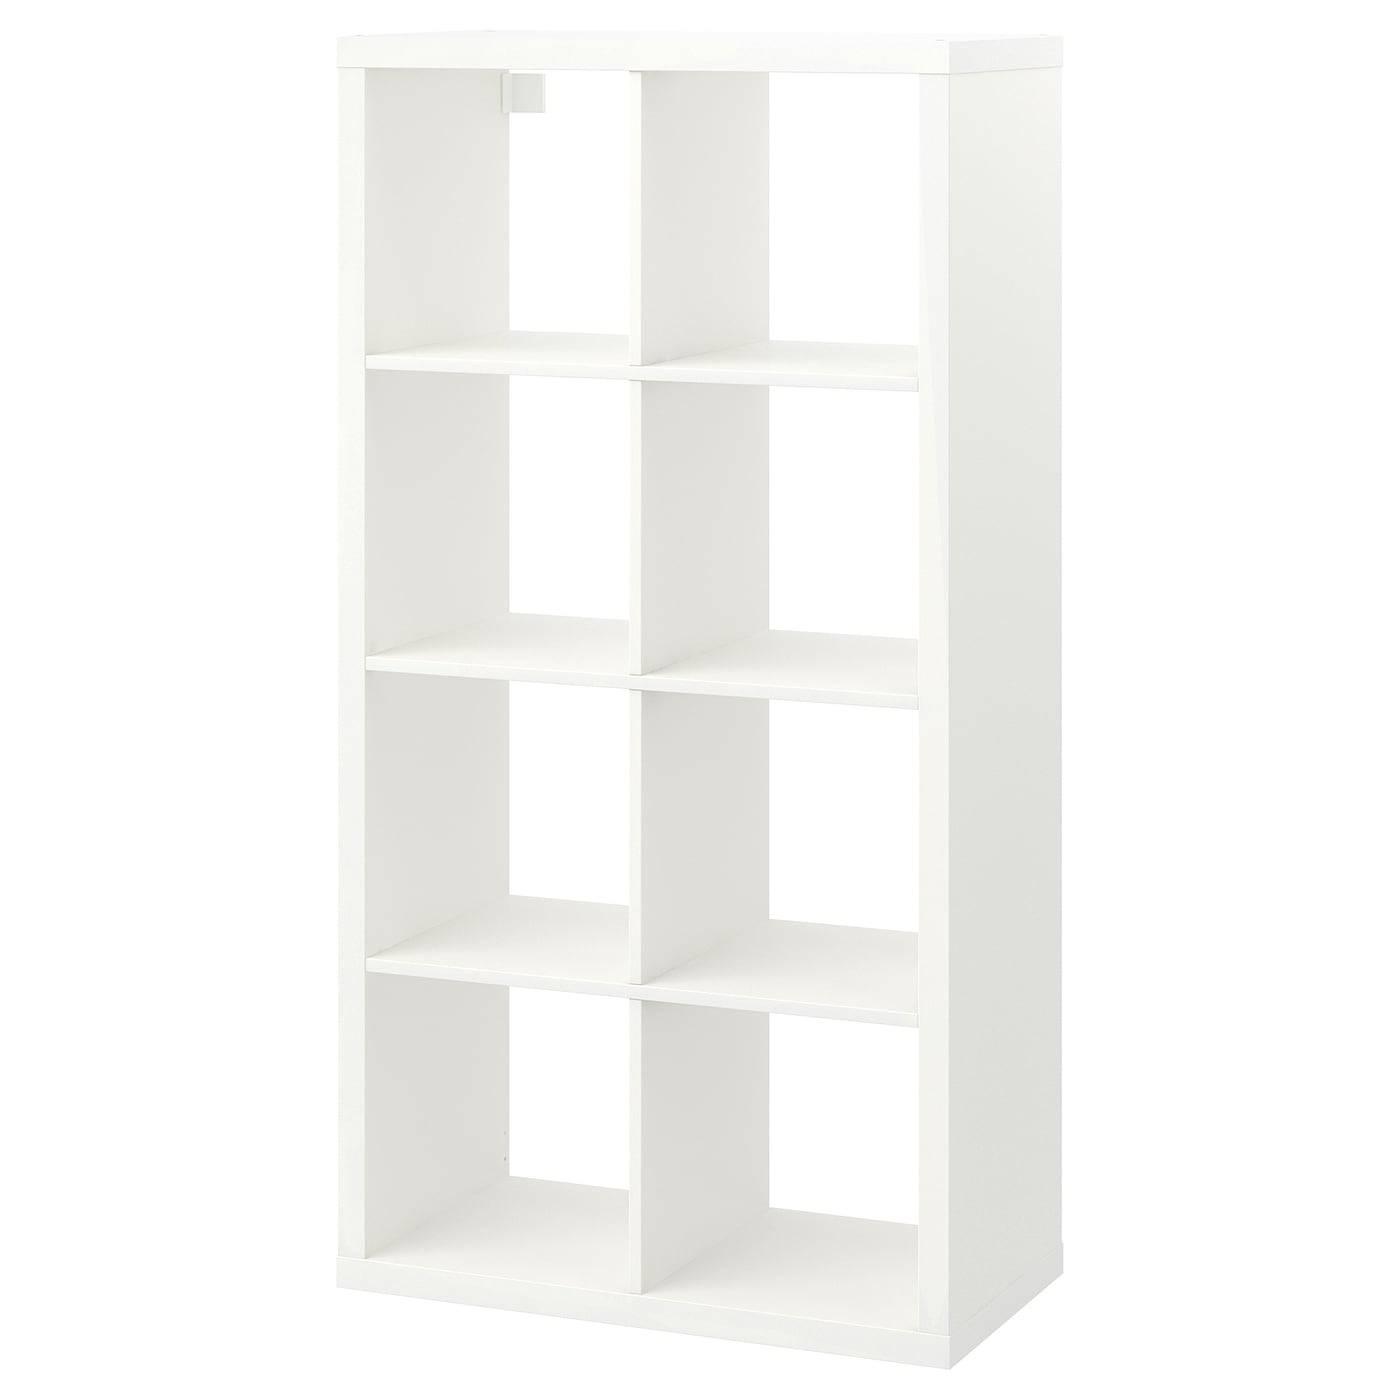 kallax shelving unit white PE S5 JPG